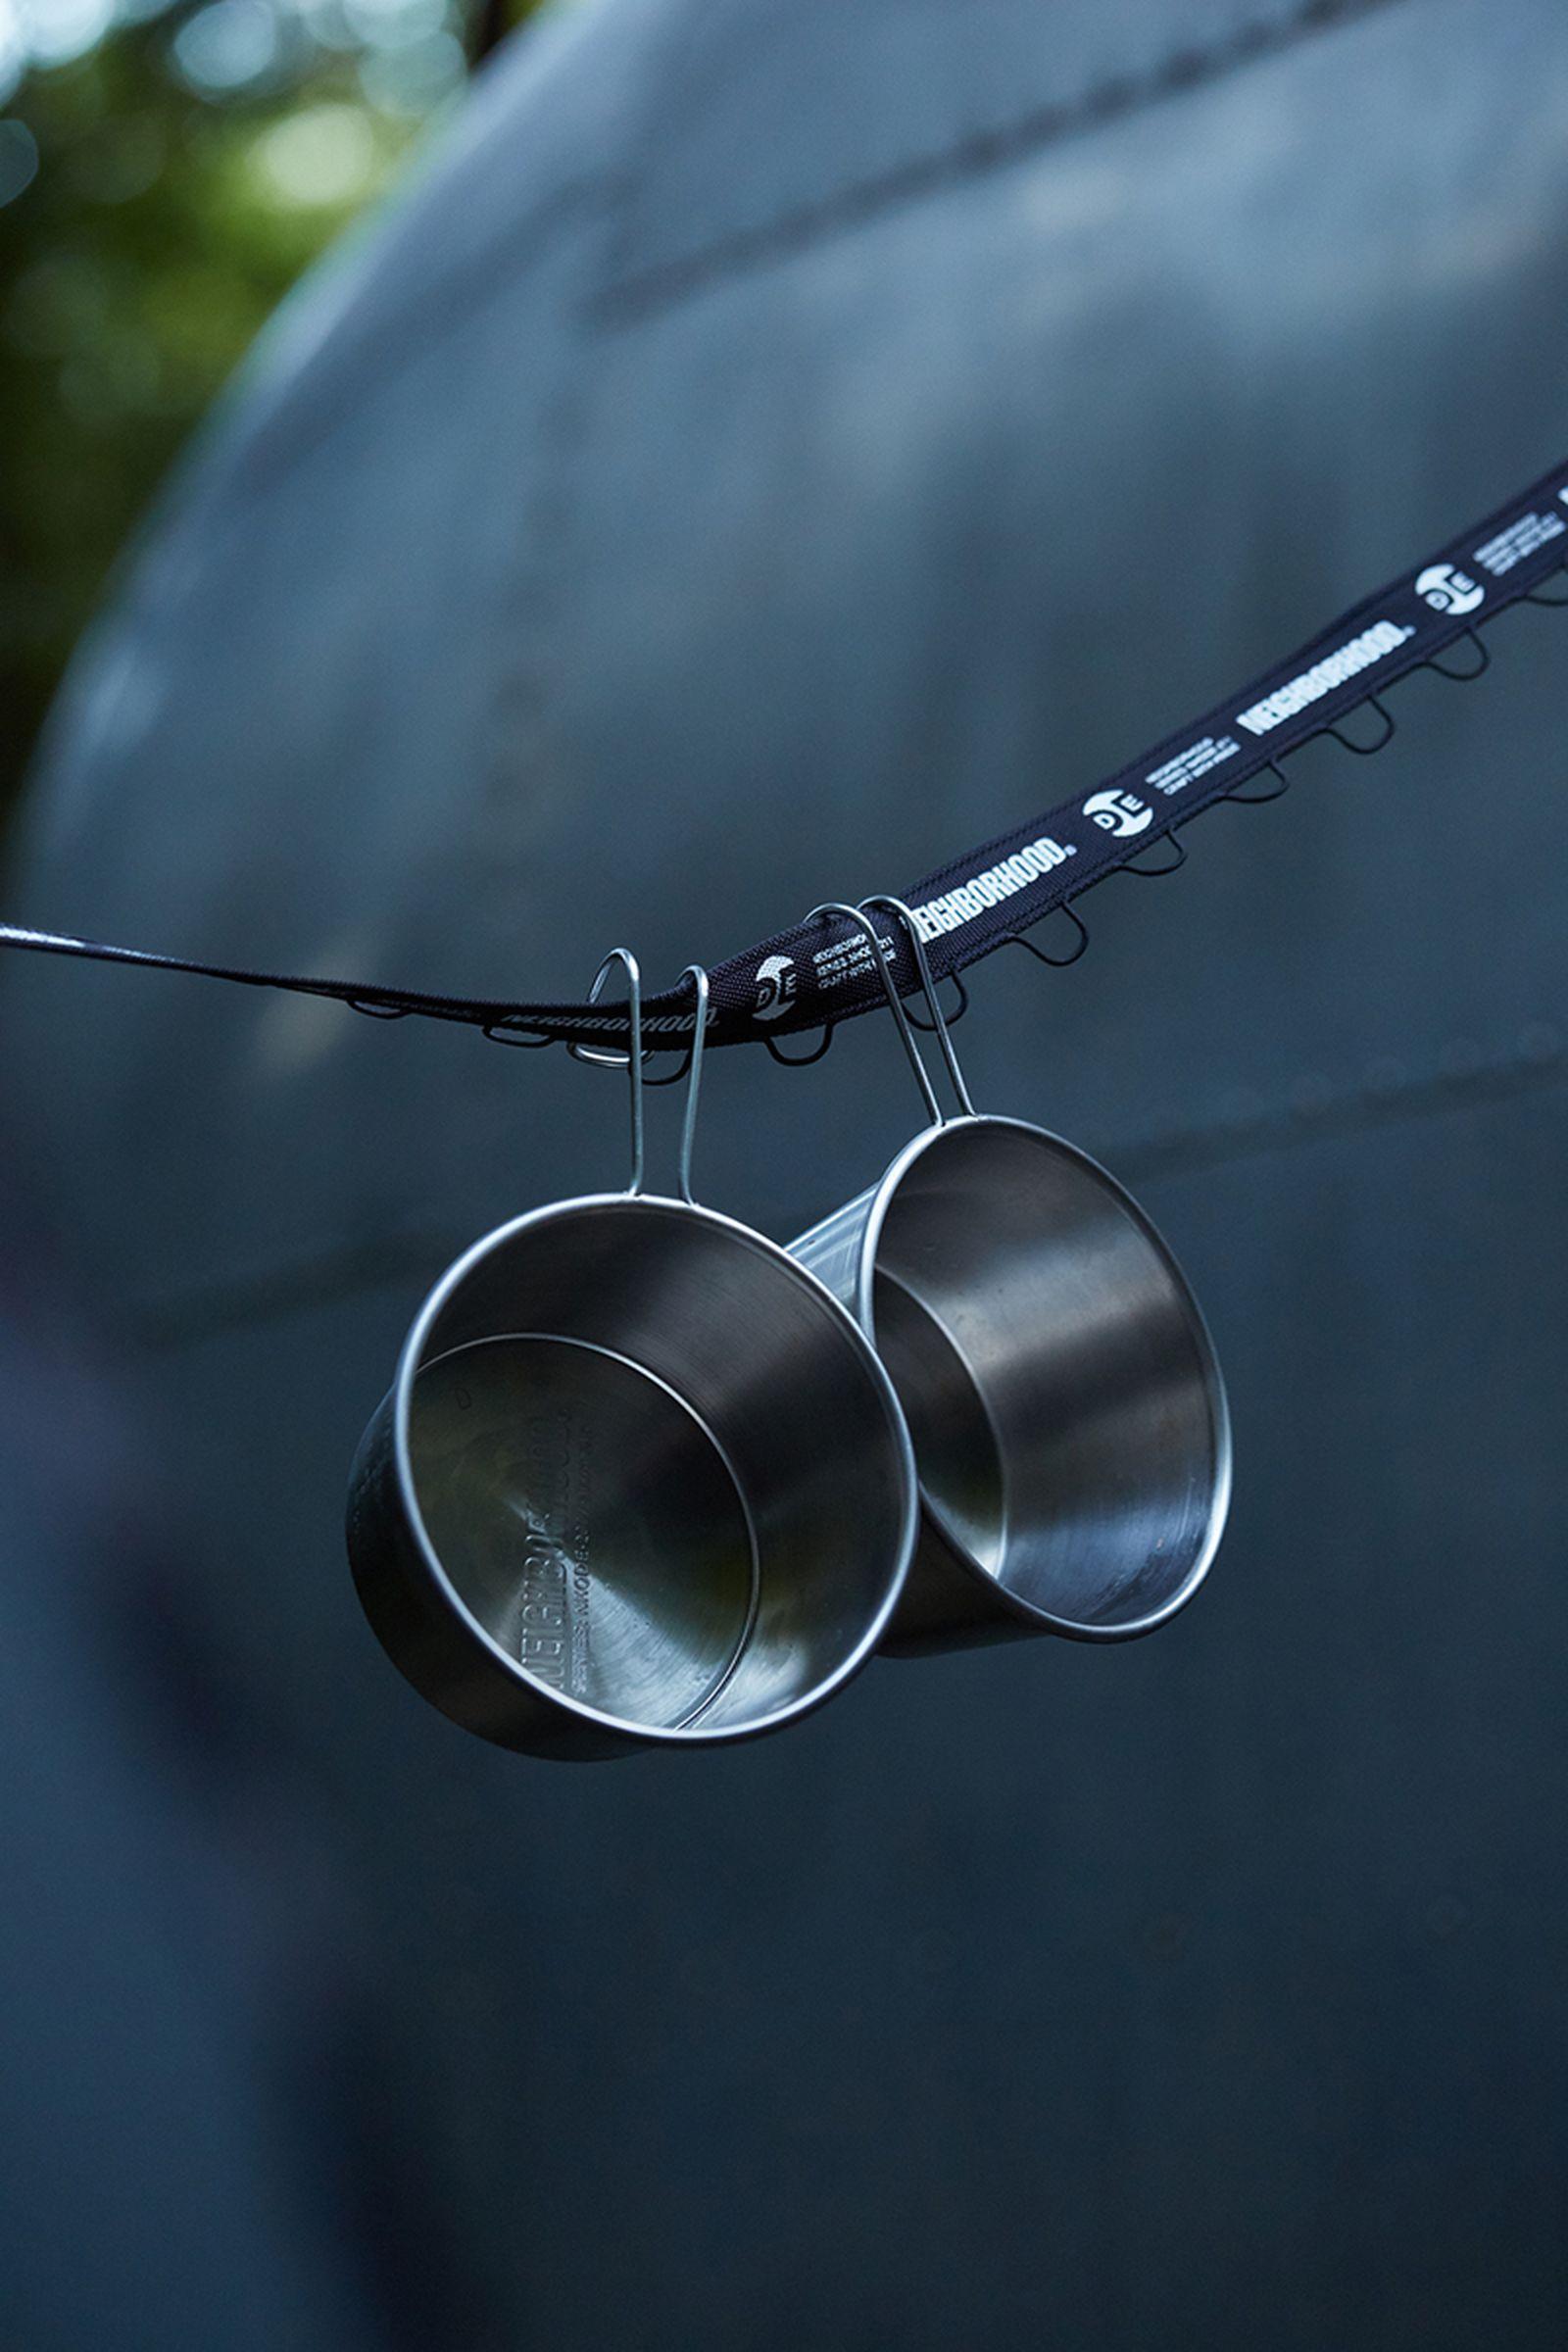 neighborhood-abu-garcia-fishing-camping-gear- (9)